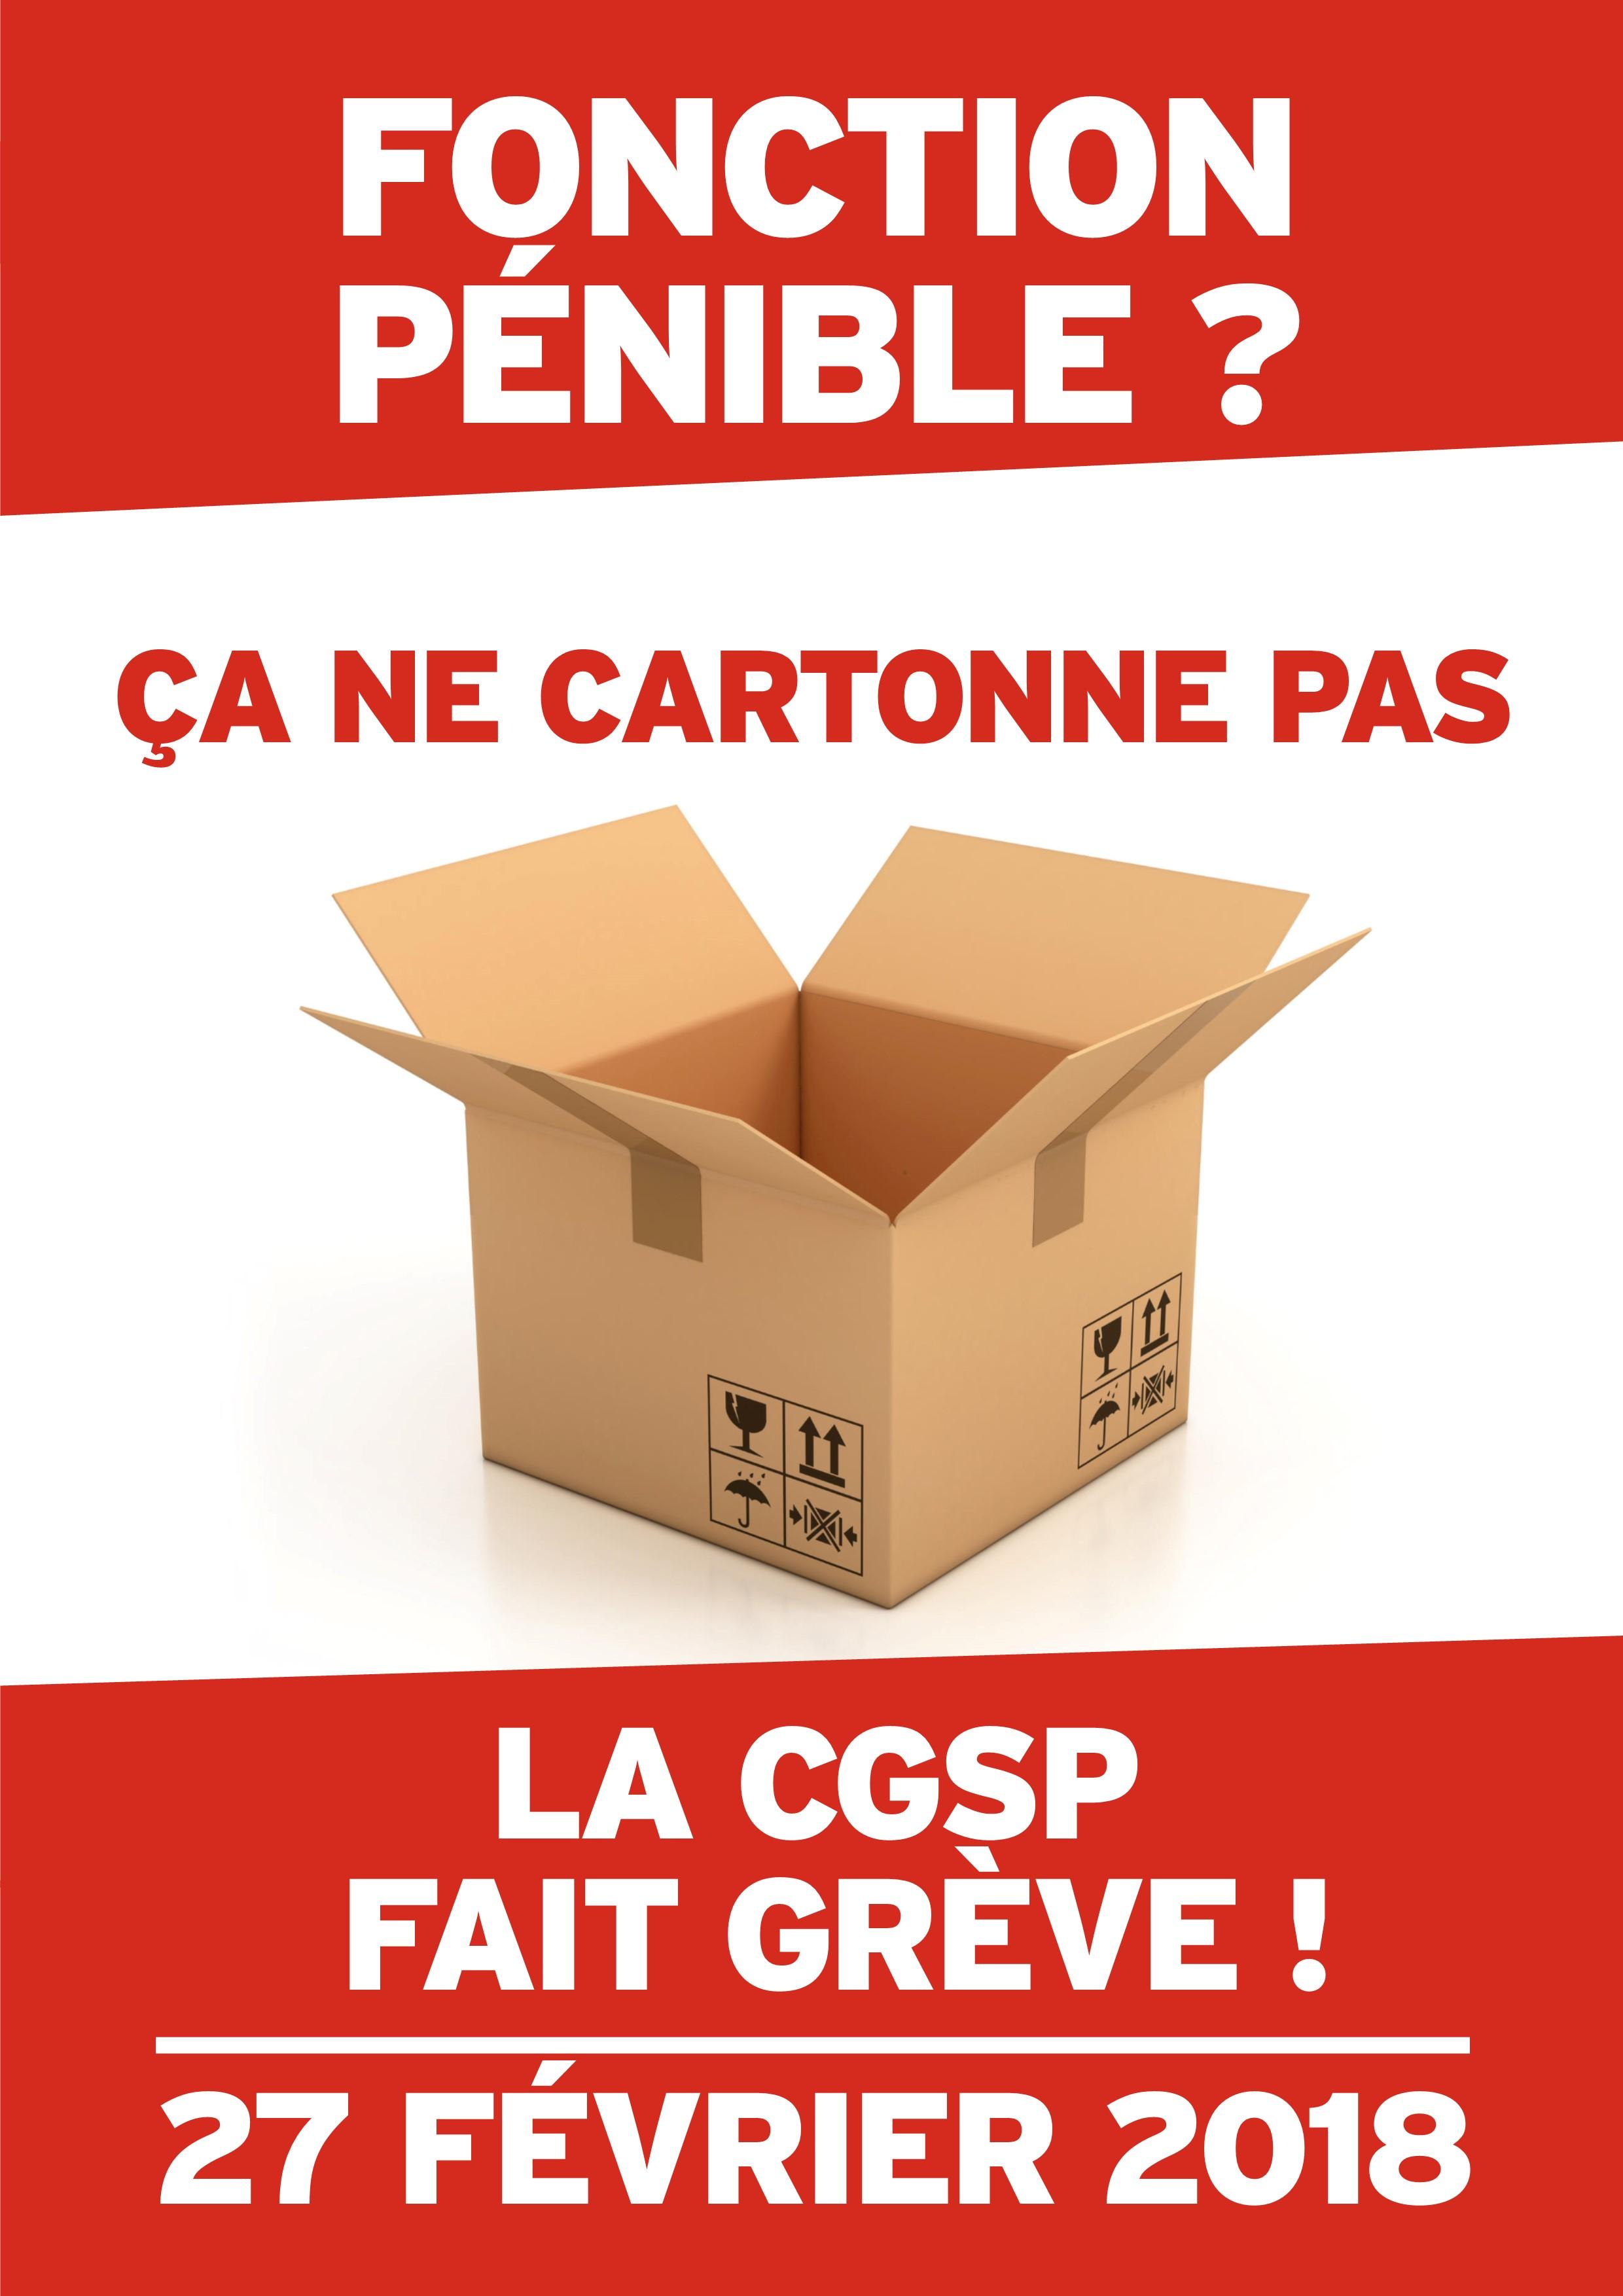 Affiche-grève-fonctions-pénibles-27-février-A4r